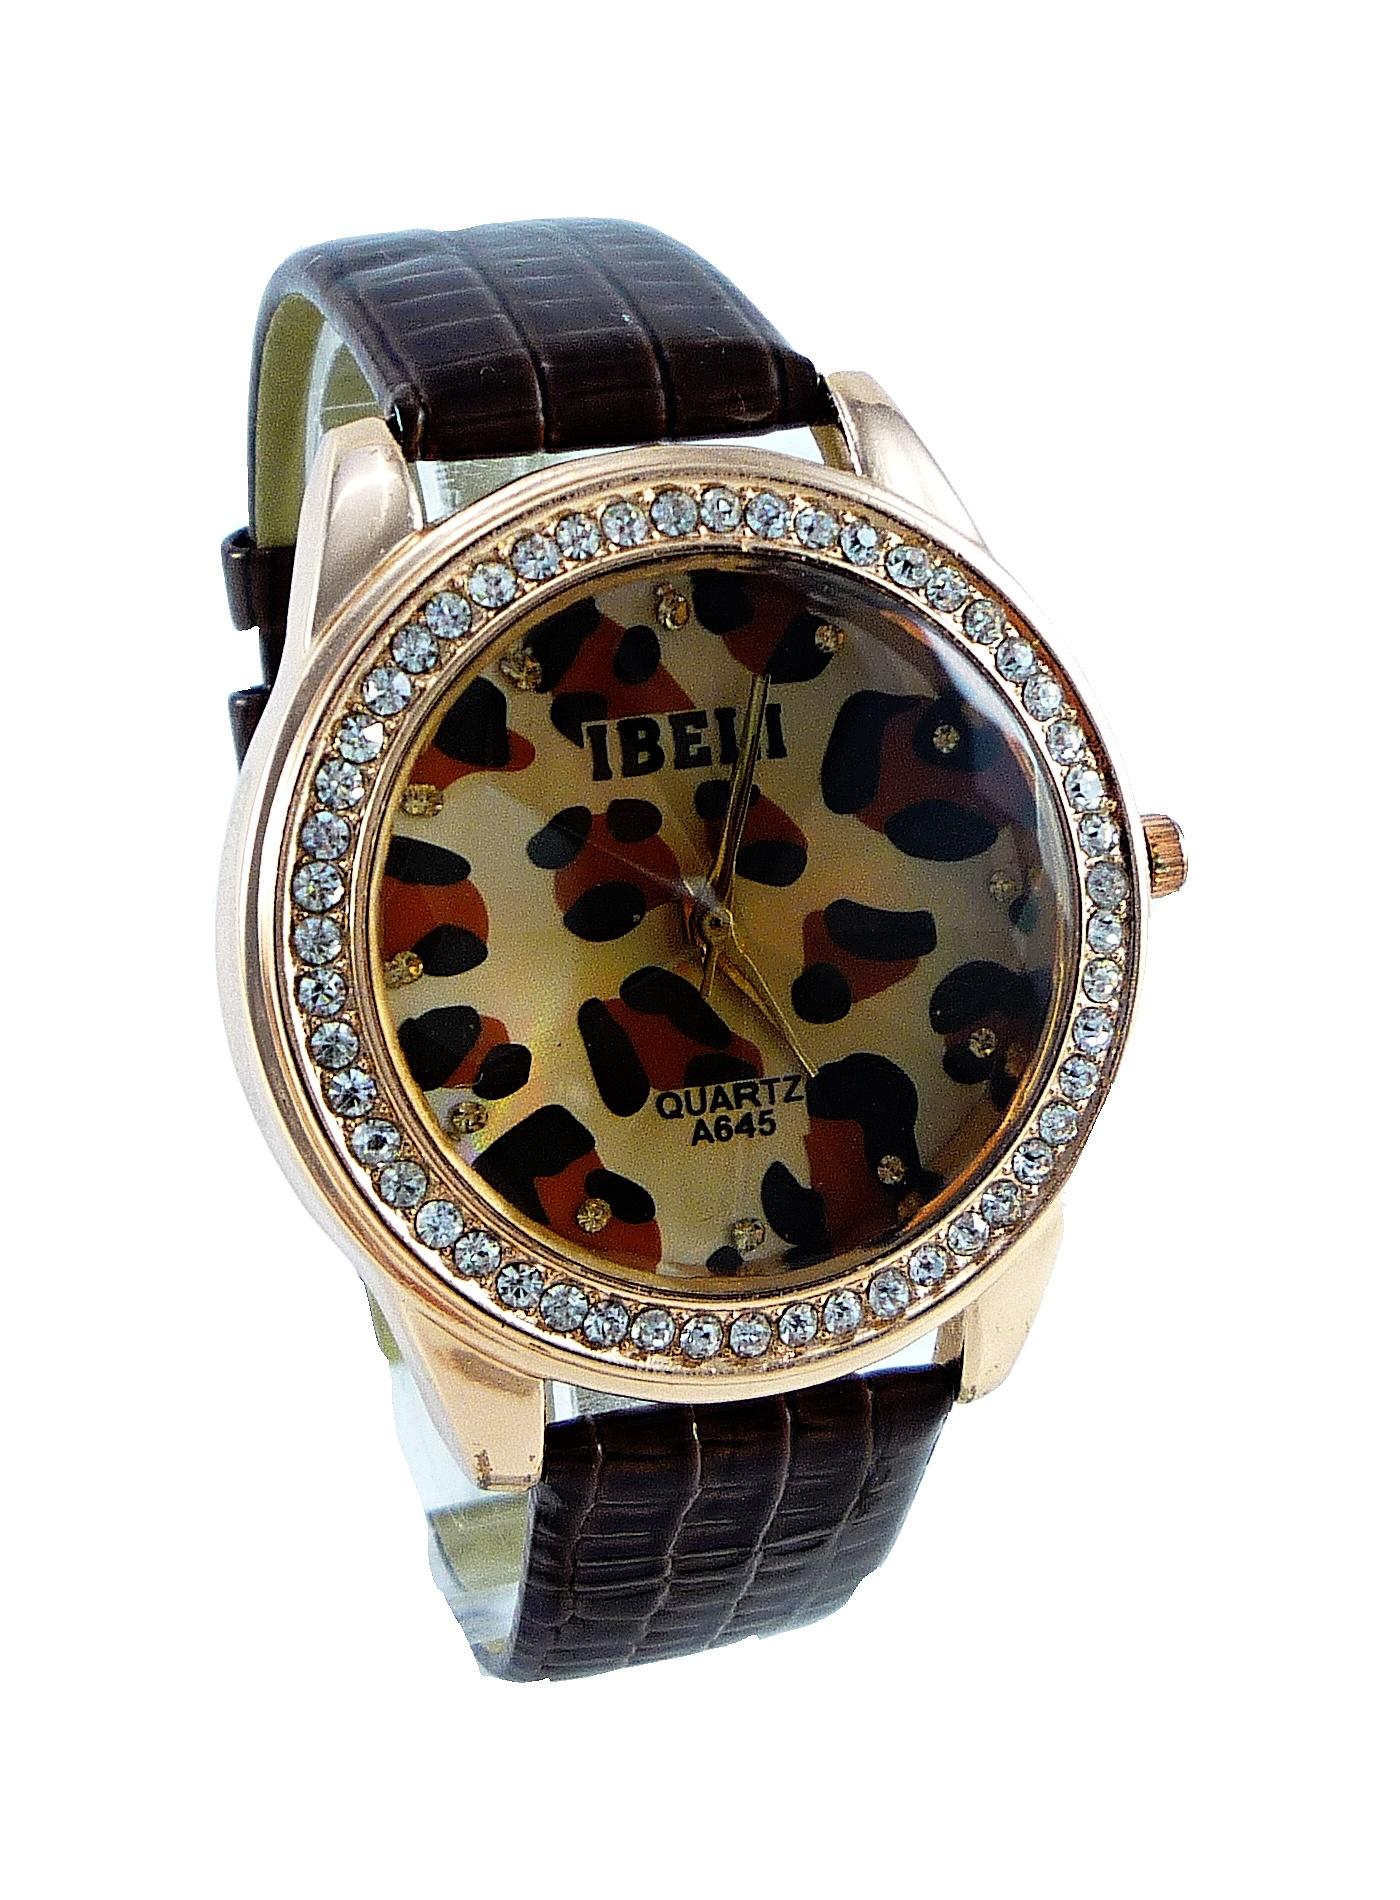 Dámské kožené hodinky IBELI Tygrid brown 107D